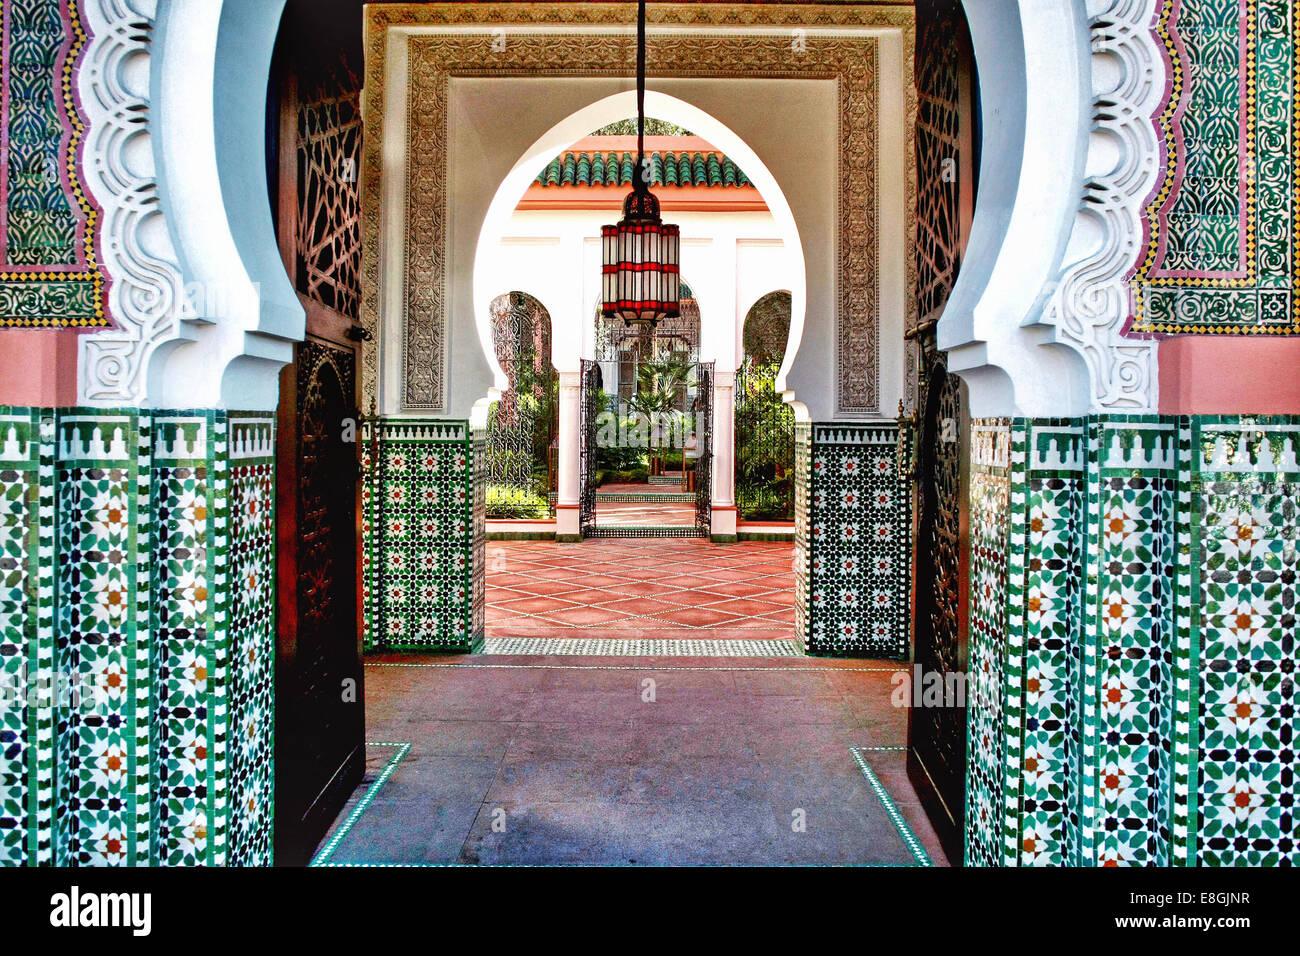 Il Marocco, Marrakesh-Tensift-El Haouz, Provincia Marrakech Marrakesh, Hotel interior con arcata Immagini Stock